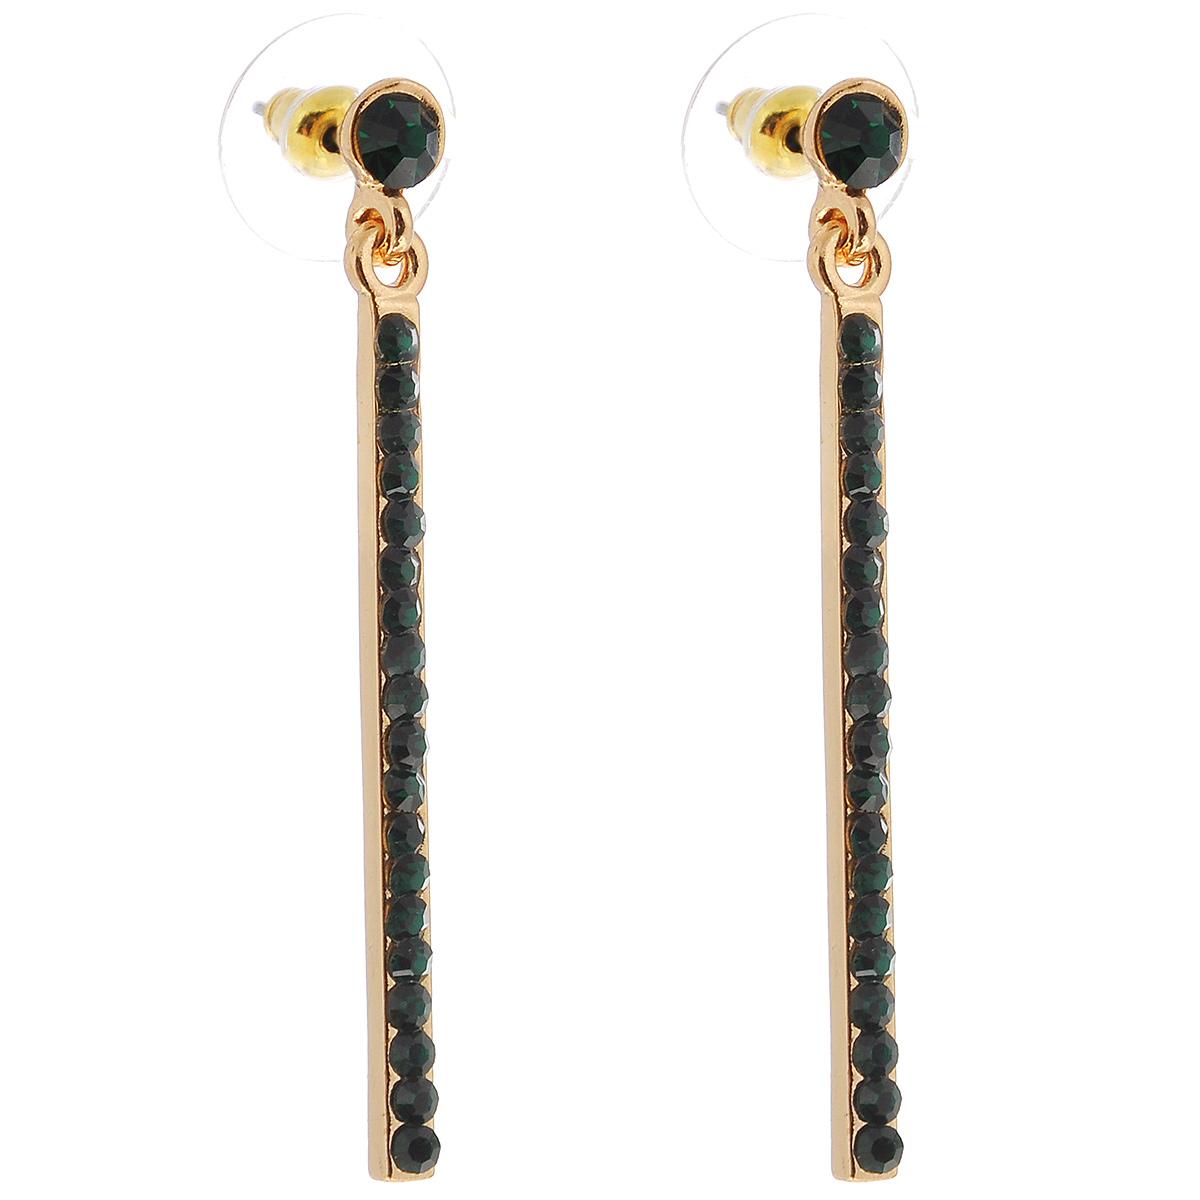 Серьги Taya, цвет: золотистый, изумрудный. T-B-6044T-B-6044-EARR-GL.EMERALDОригинальные серьги Taya выполнены из металлического сплава золотистого цвета и декорированы стразами зеленого цвета. Застегивается на замок-гвоздик с пластиковыми заглушками. Такие серьги позволят вам с легкостью воплотить самую смелую фантазию и создать собственный, неповторимый образ.